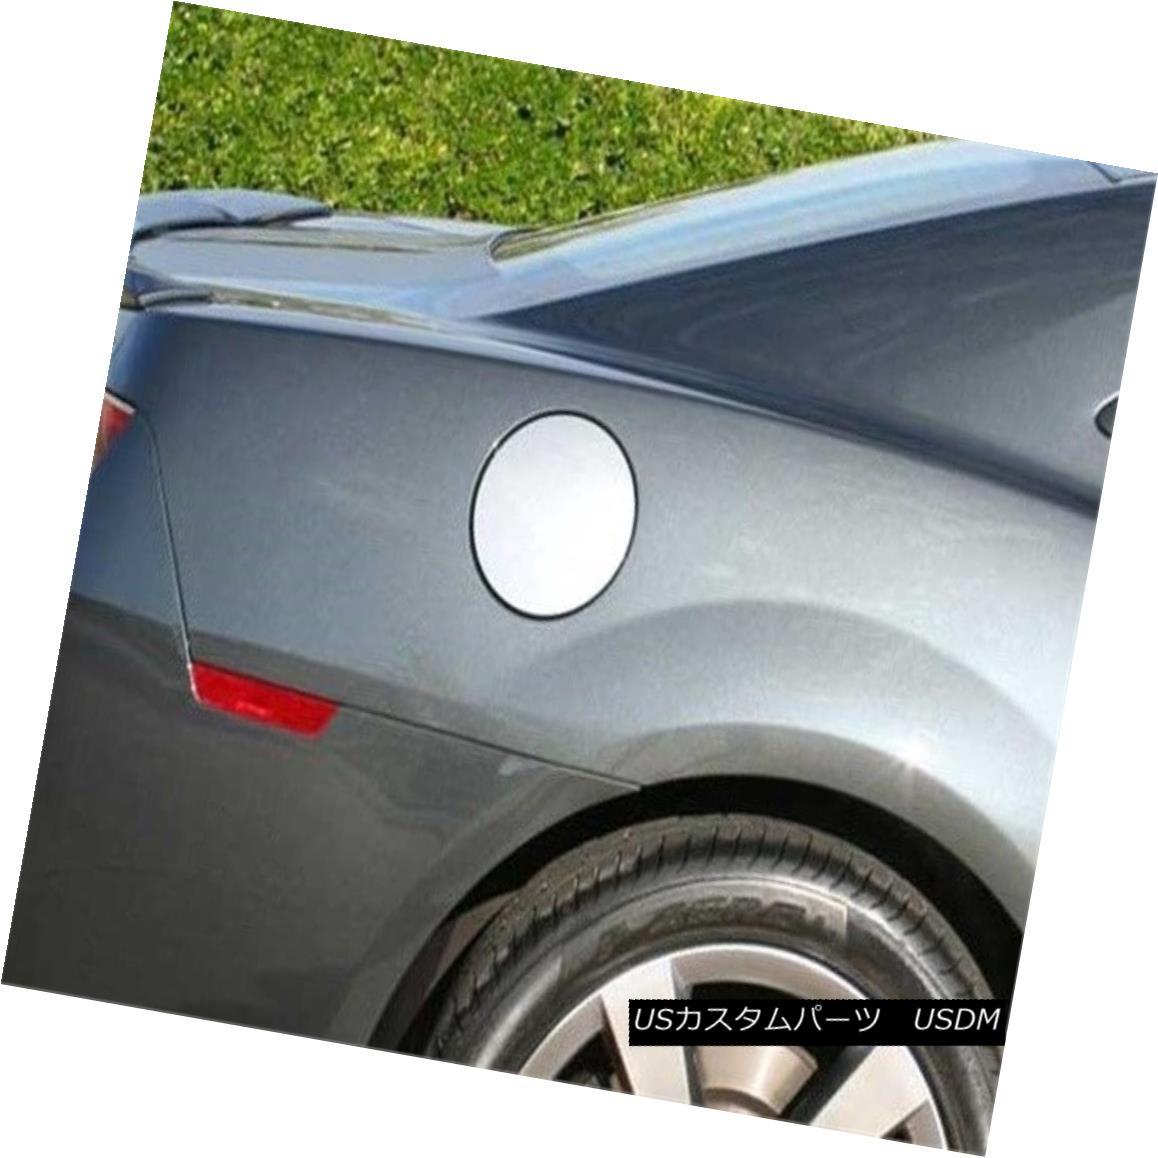 グリル Fits 2010-2015 CHEVROLET CAMARO 2-door -Stainless Steel GAS CAP DOOR フィット2010-2015シボレーCAMARO 2ドア - ステンレススチールガスCAP DOOR